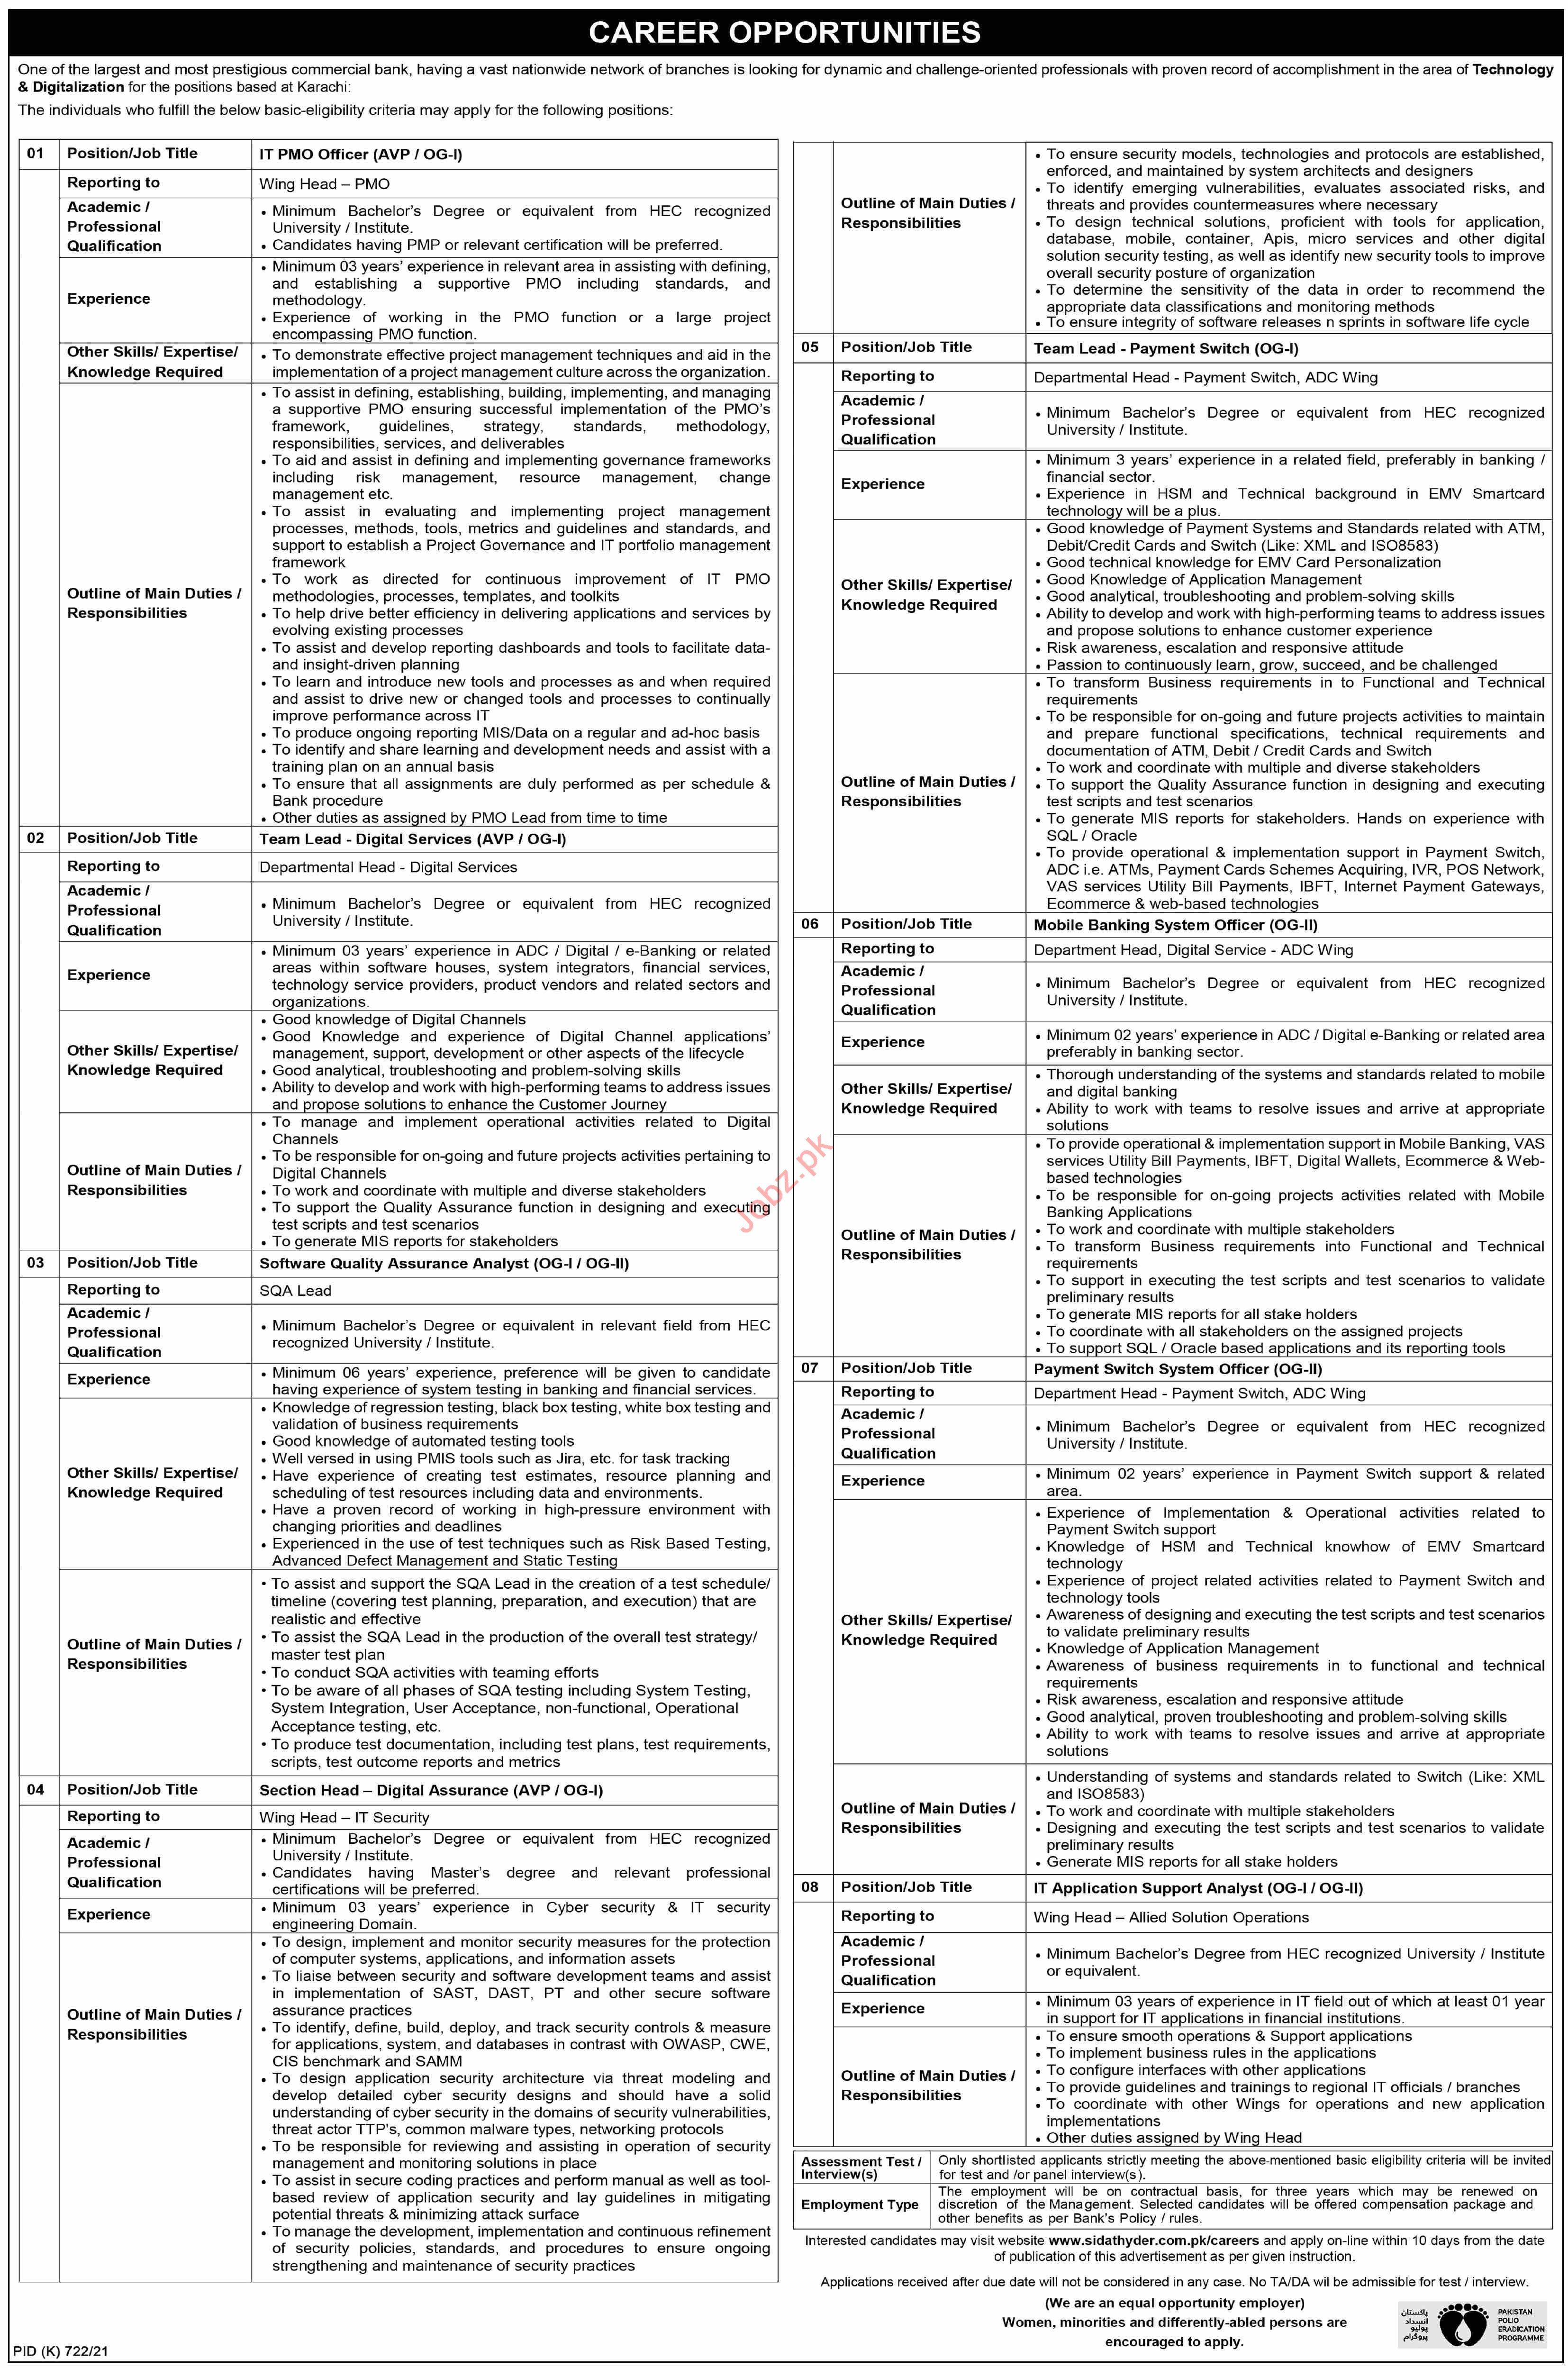 Commercial Bank Jobs in Karachi